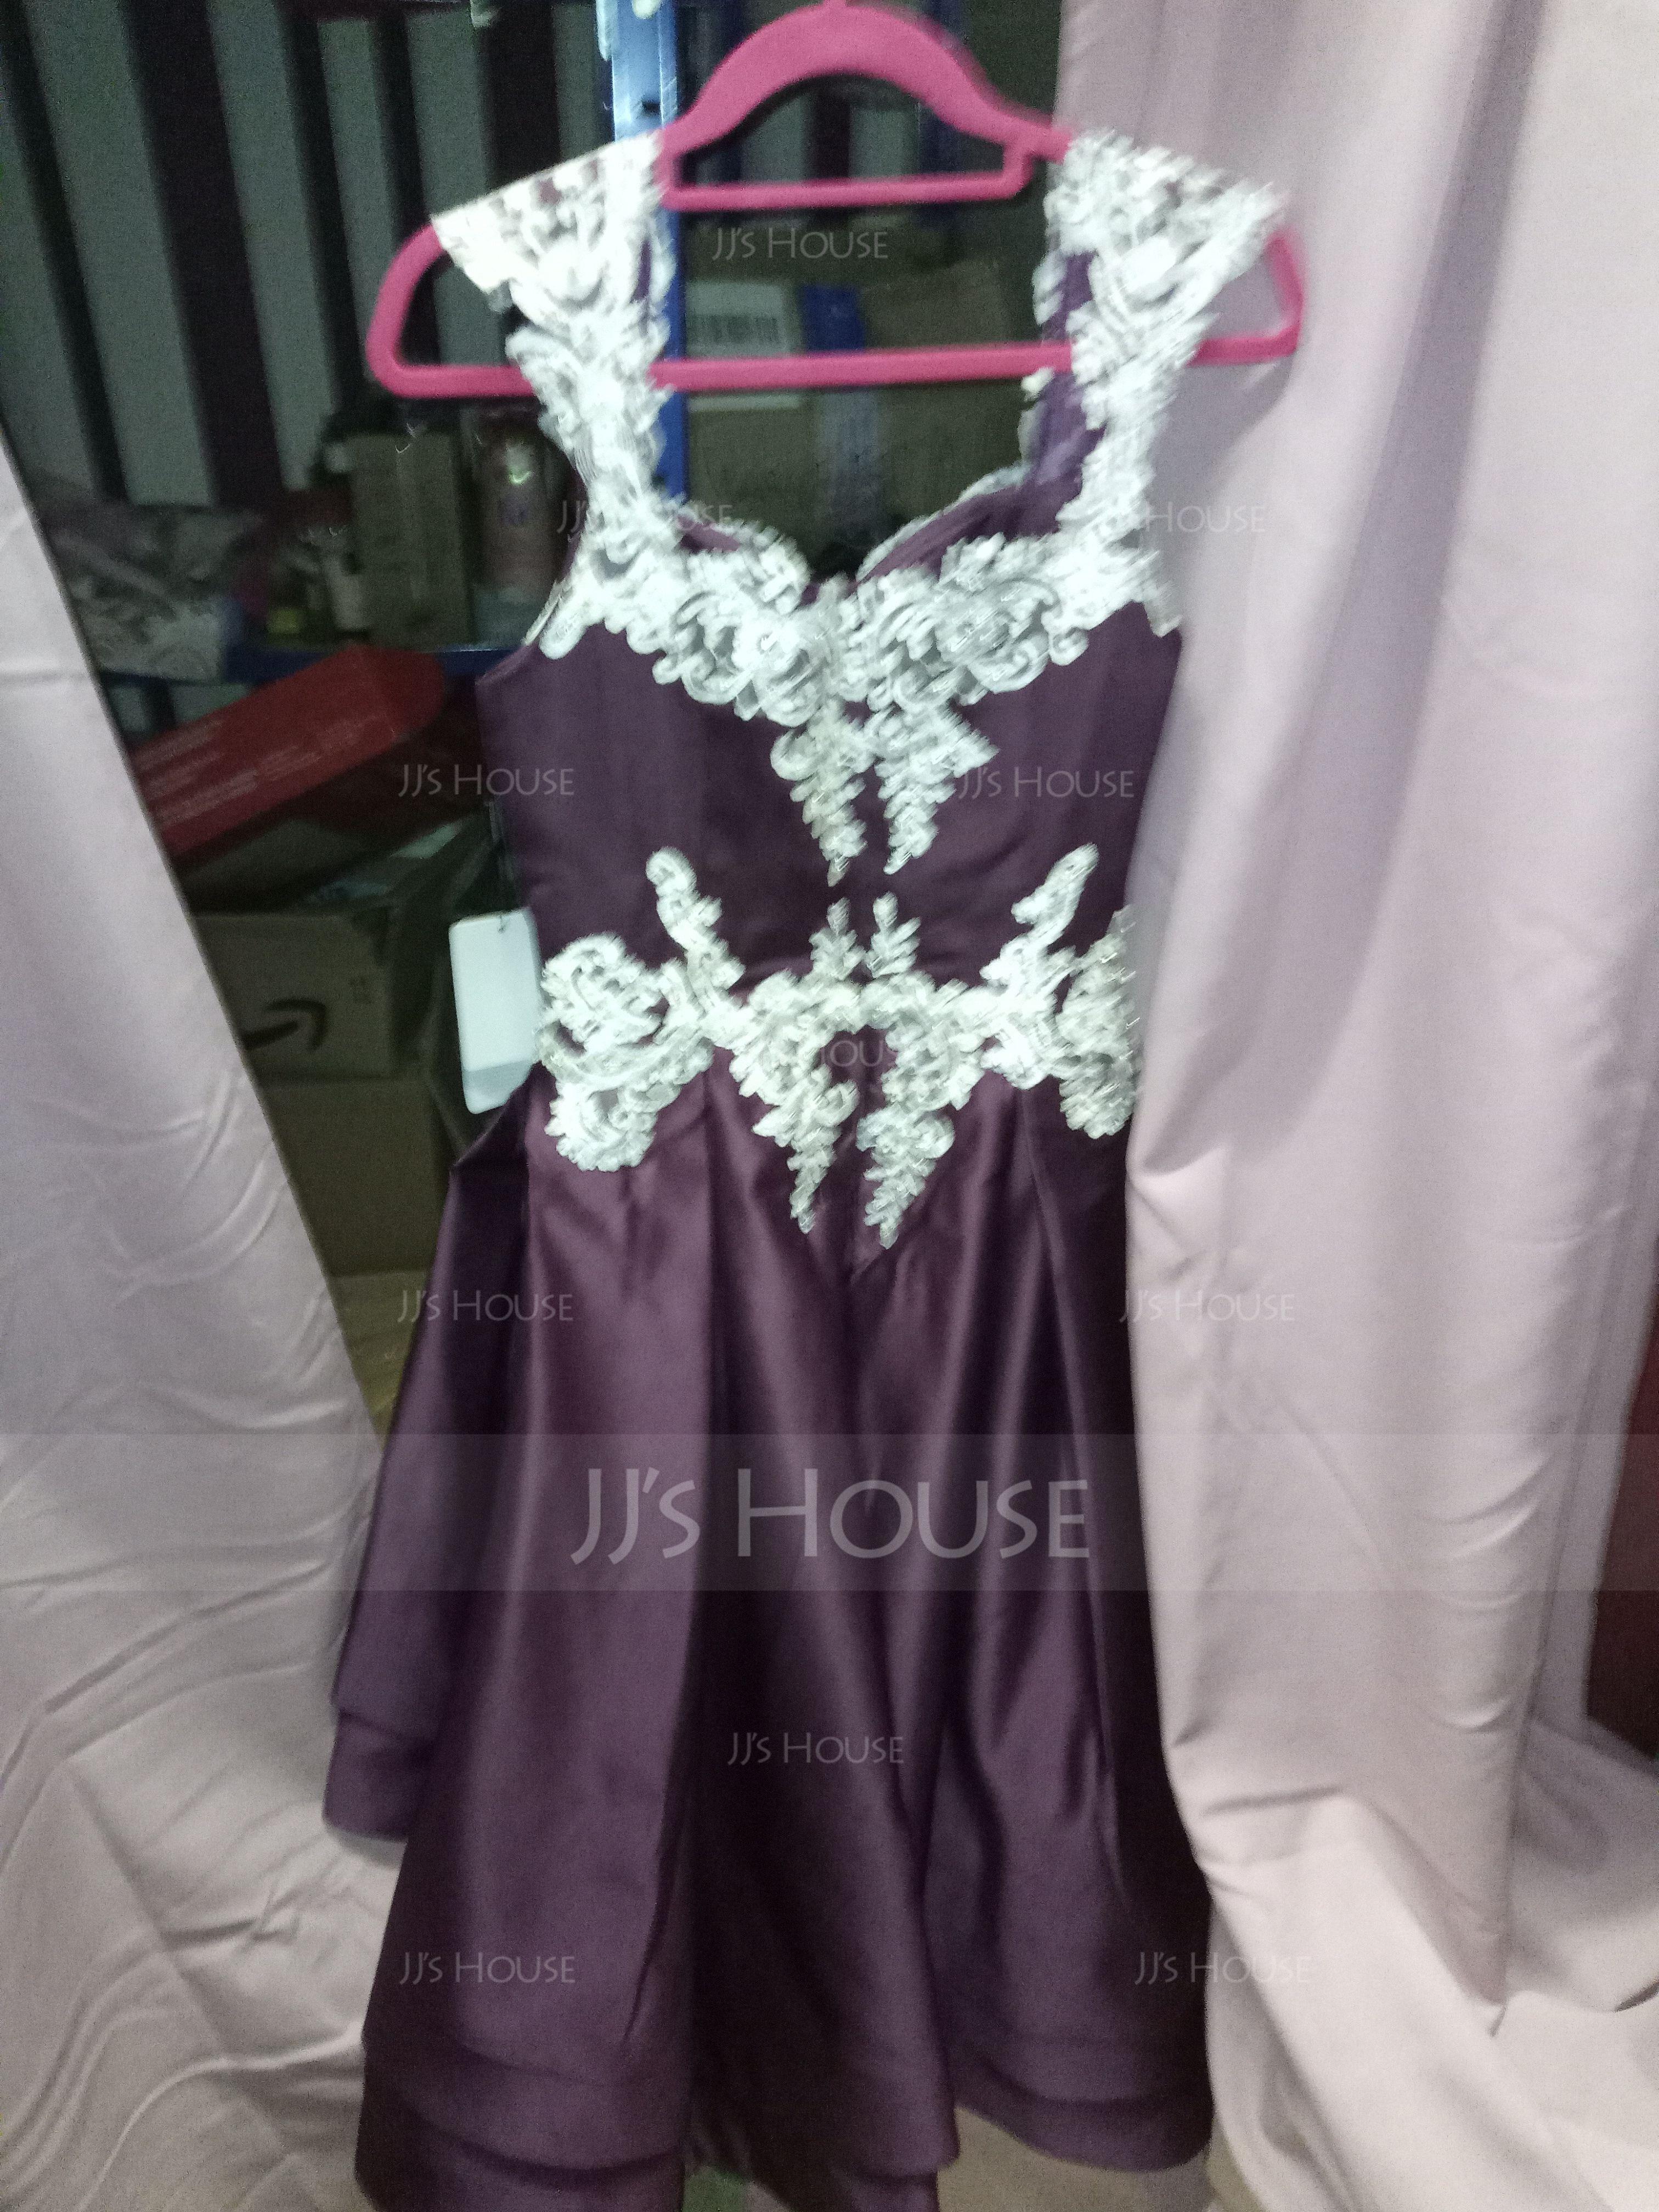 Aライン 恋人 非対称 サテン プロム用ドレス とともに レース ビーズ カスケードフリル